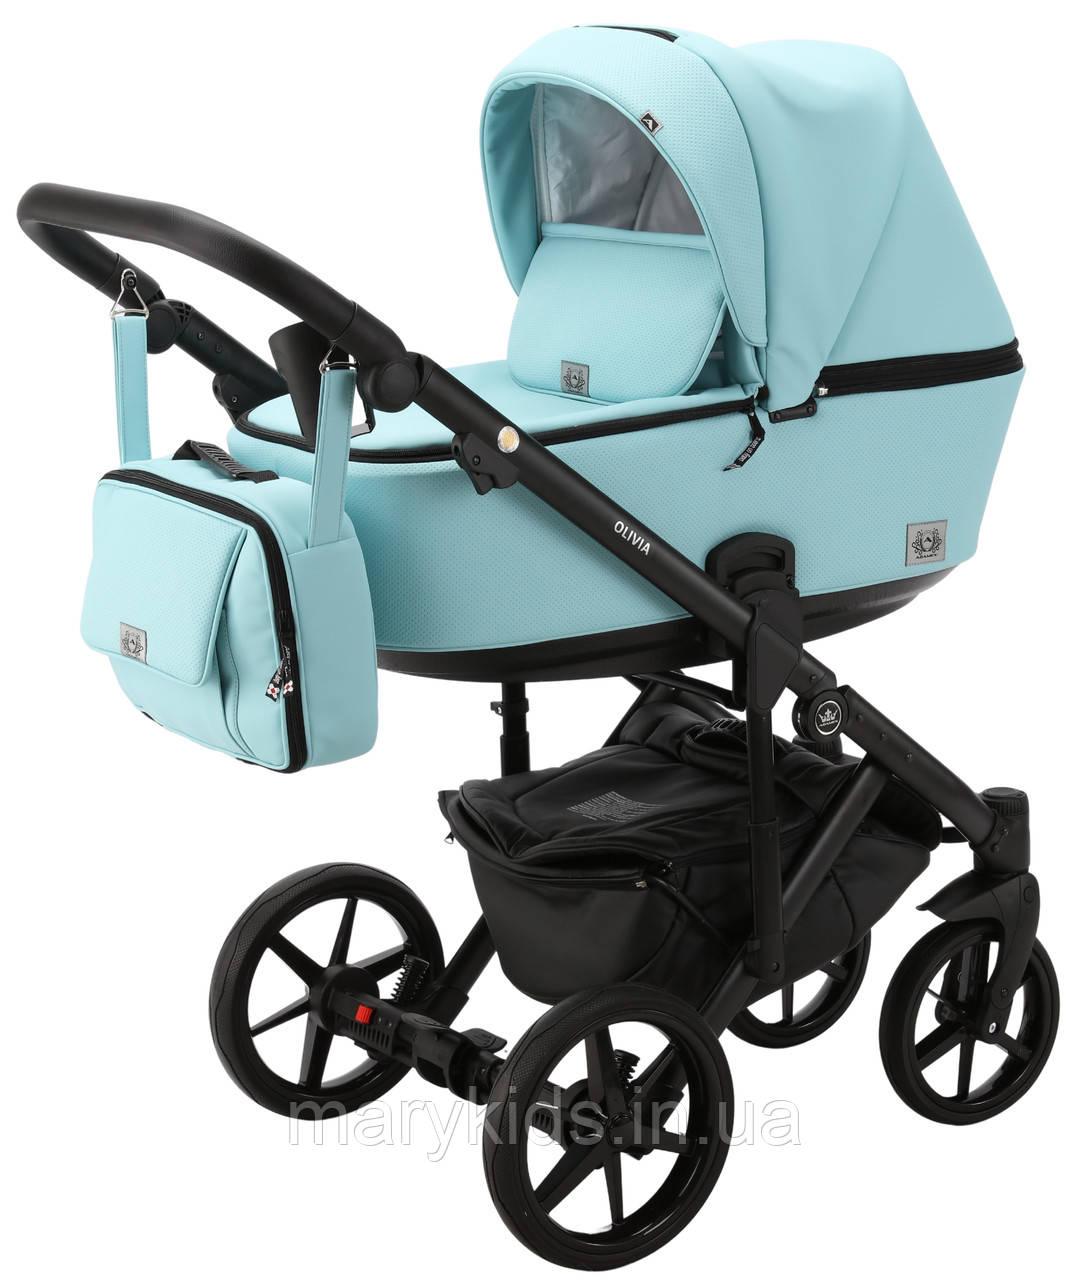 Детская универсальная коляска 2 в 1 Adamex Olivia SA-19